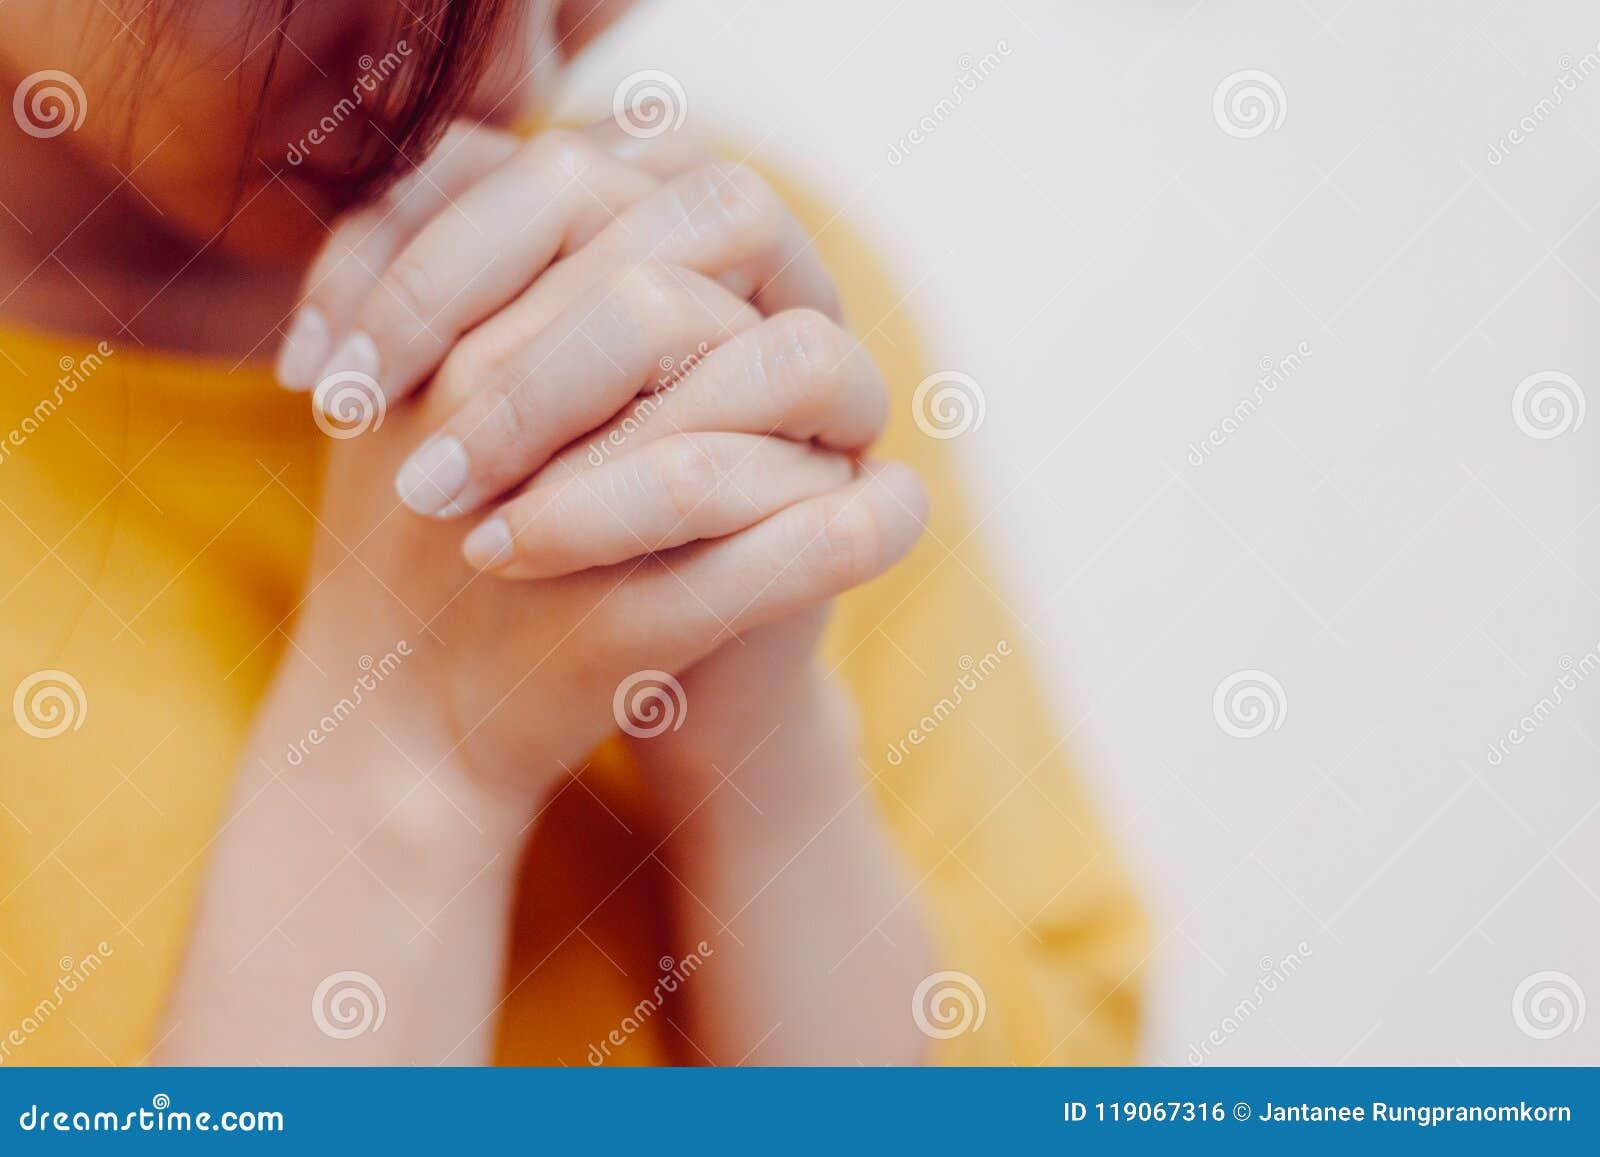 Rezo de la muchacha de las manos a dios